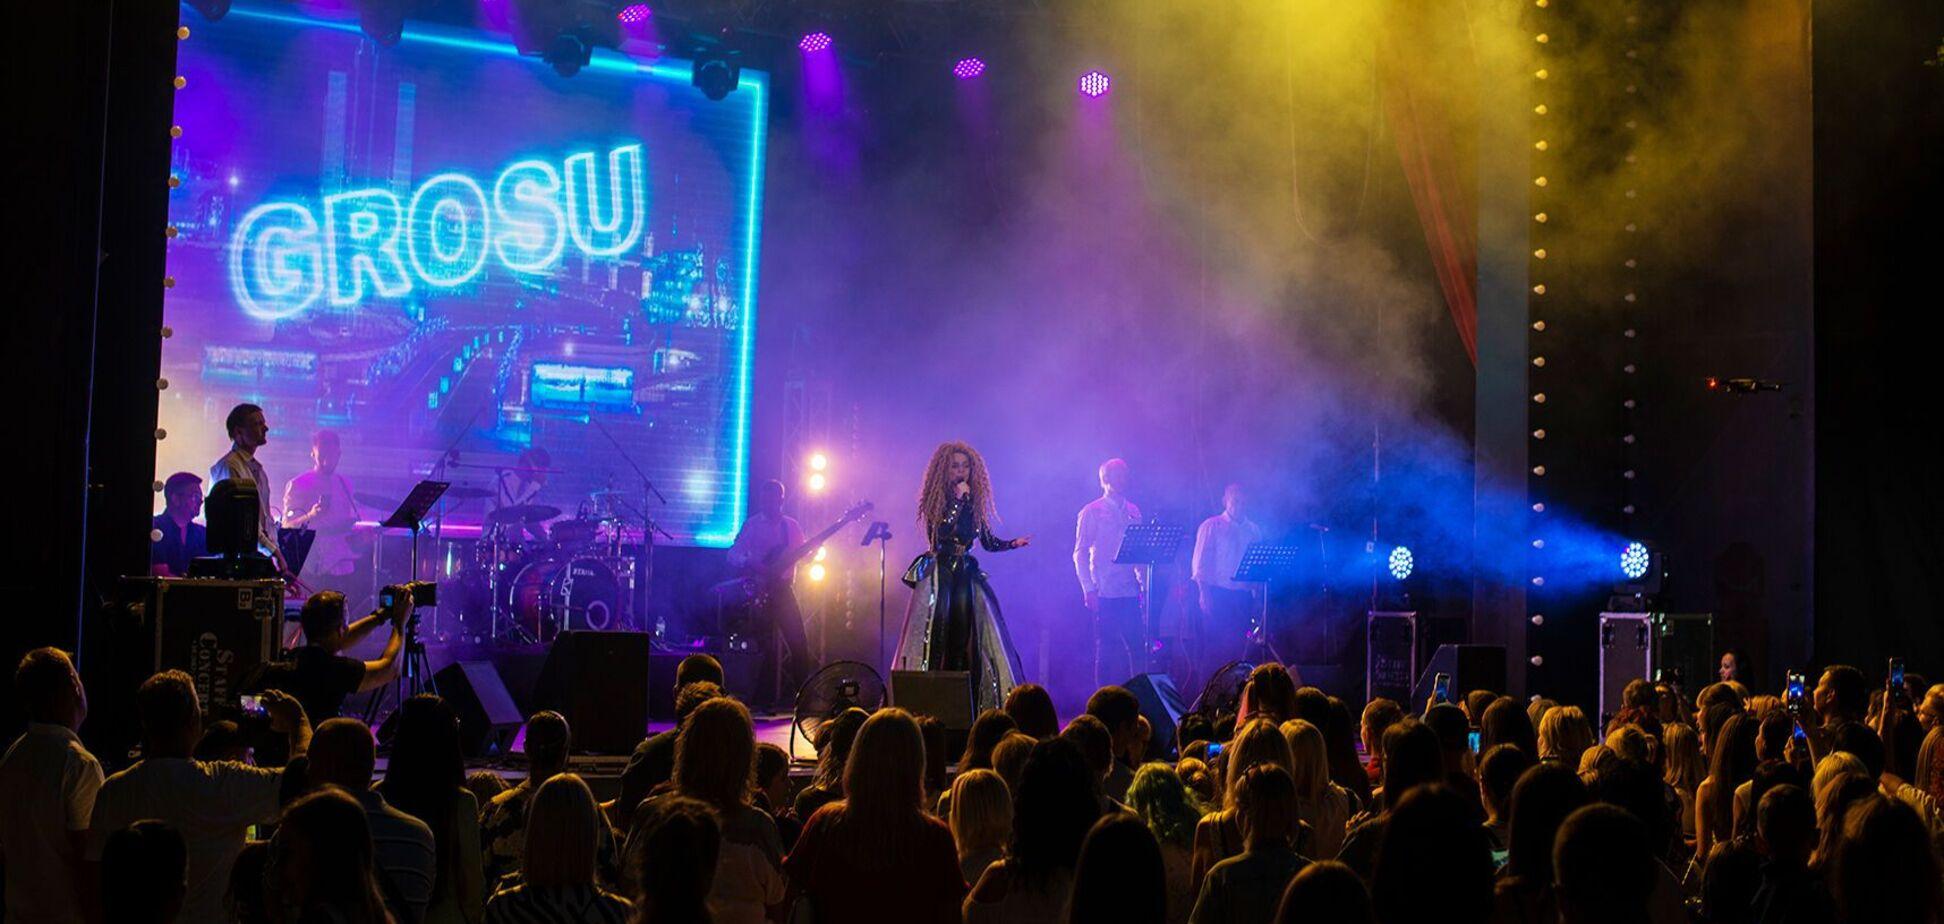 Украинская певица Алина Гросу дала большой концерт в Одессе. Фото